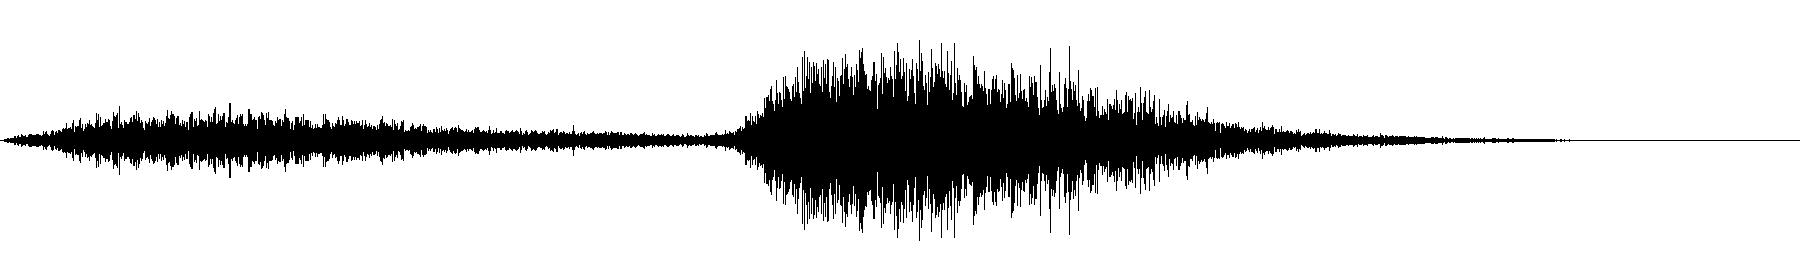 bluezone xworld sound 078